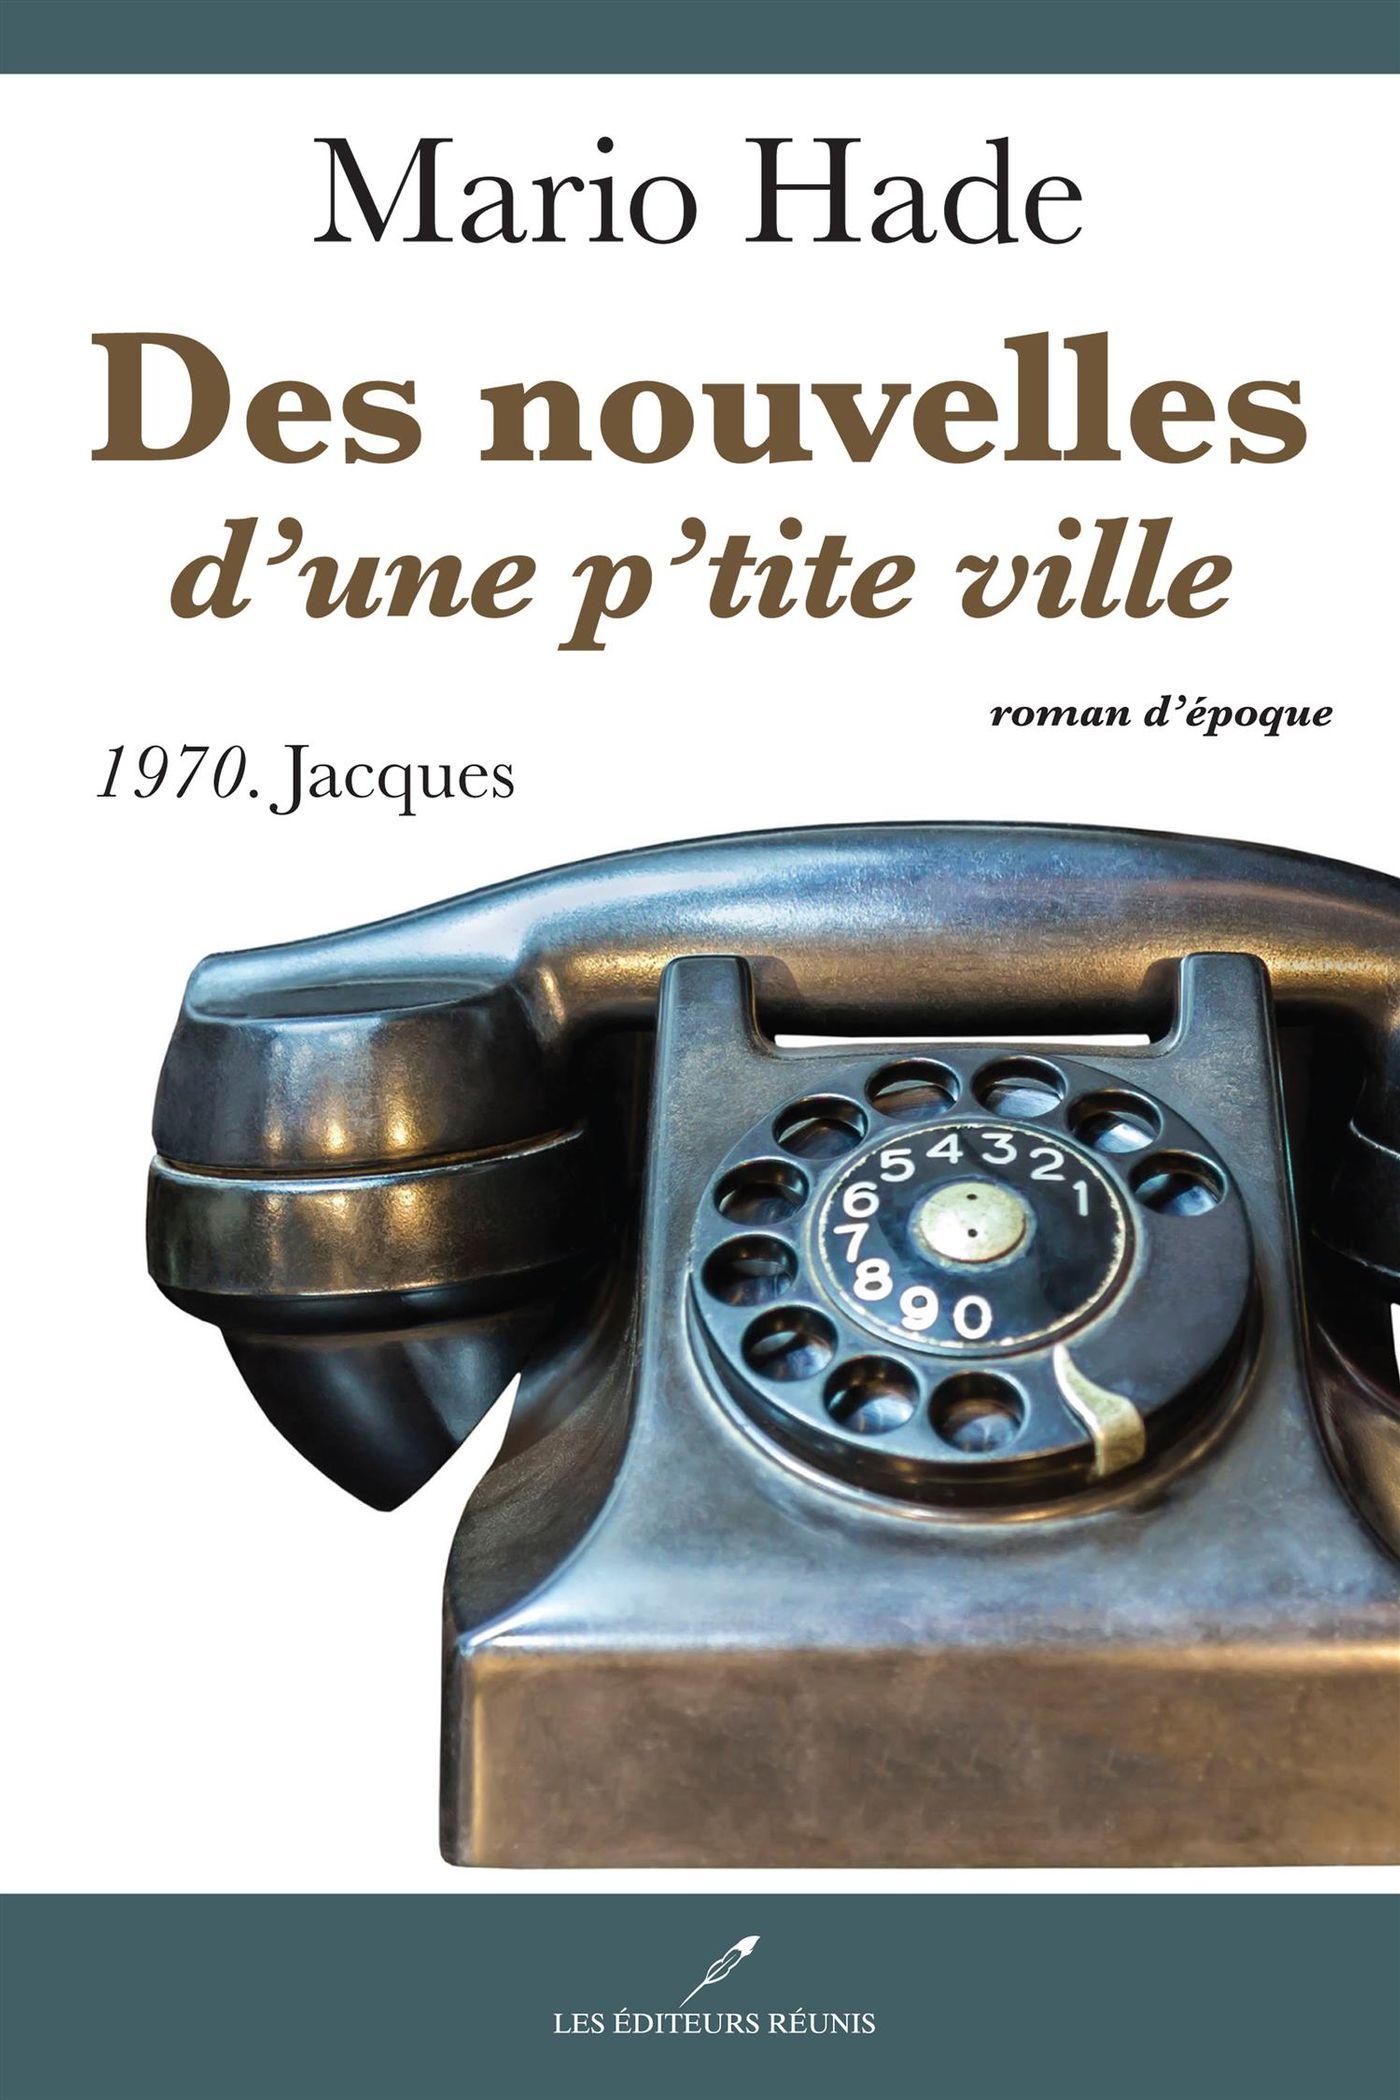 Des nouvelles d'une p'tite ville 04 : 1970. Jacques